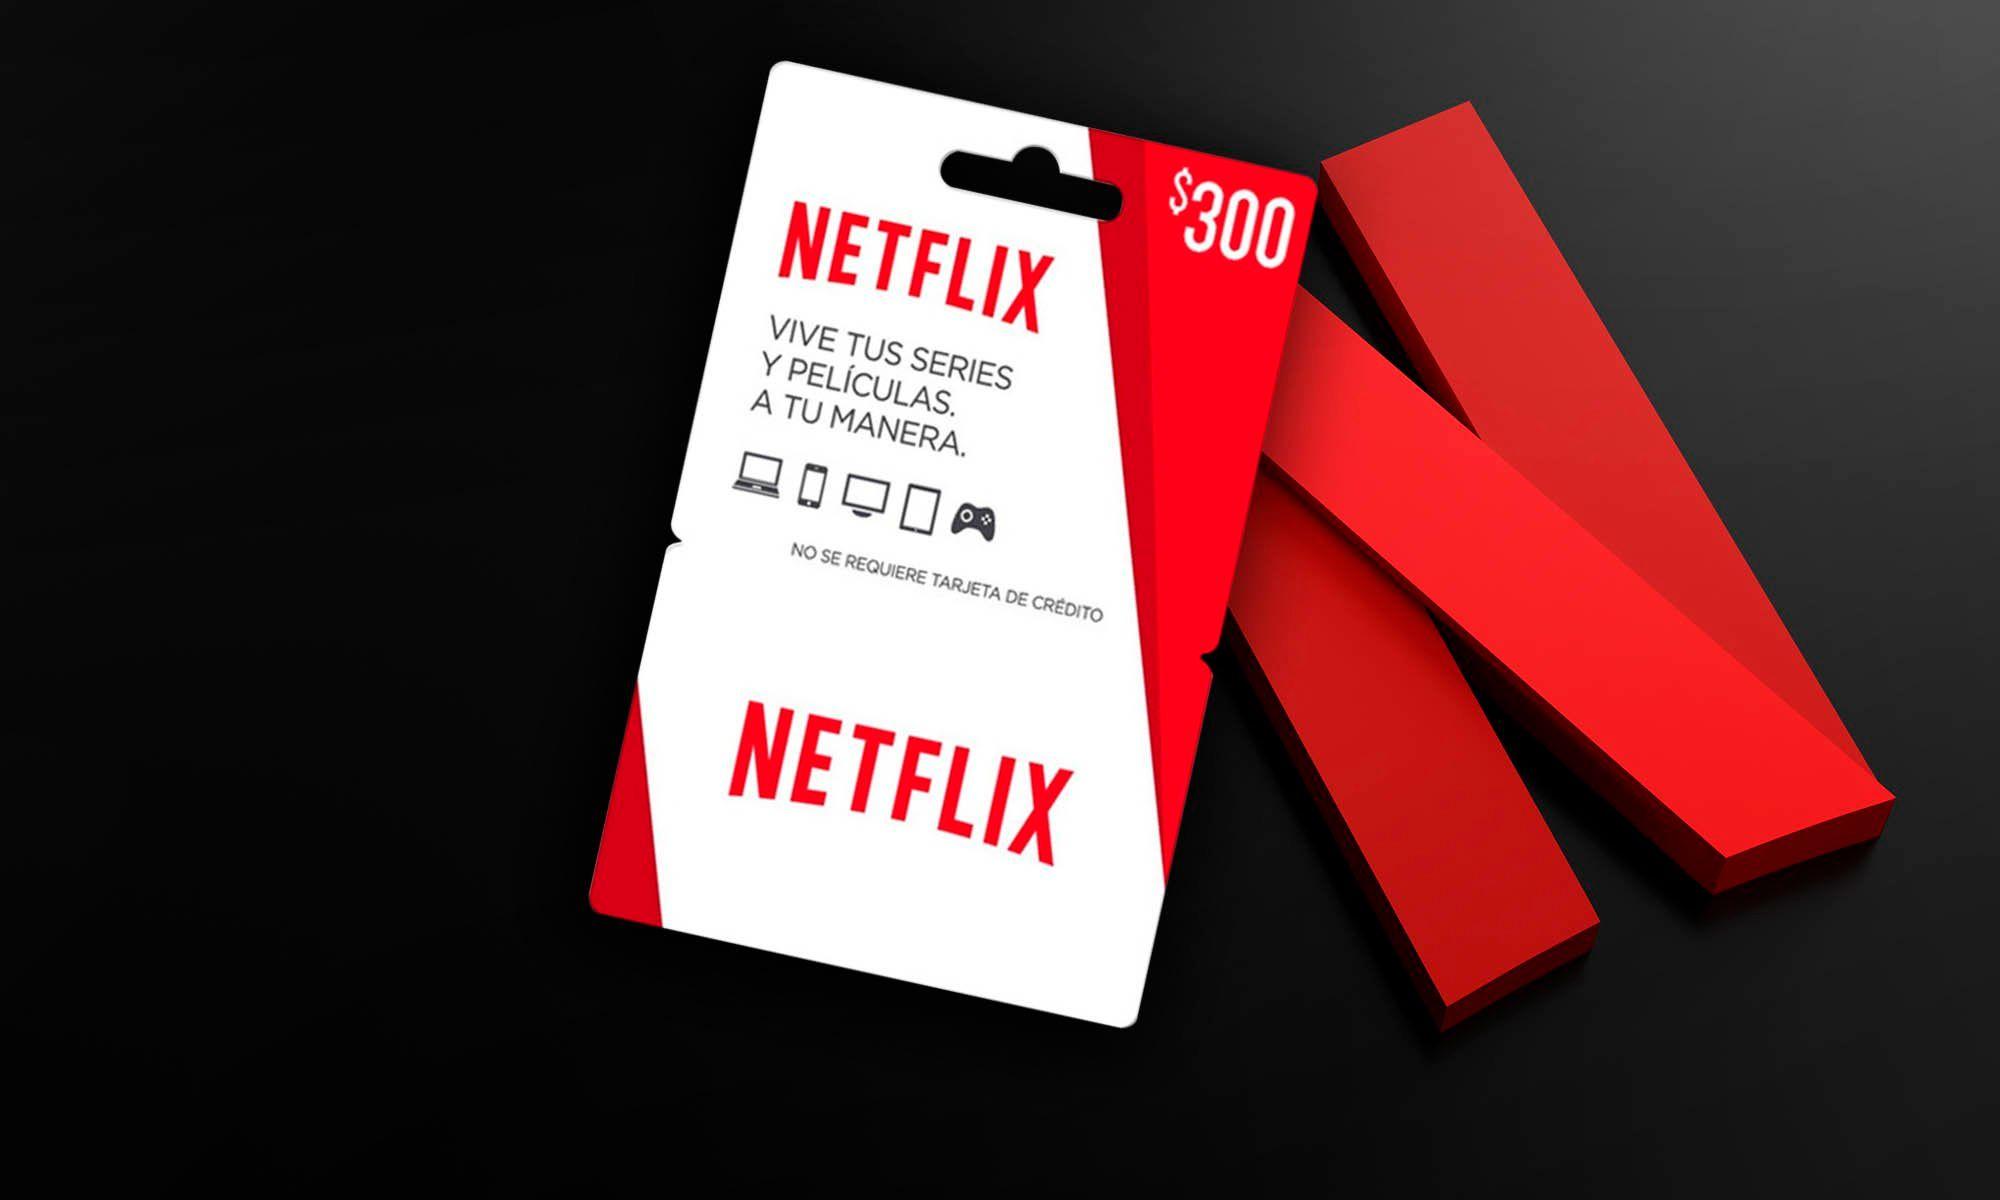 Tarjetas regalo de Netflix para no tener que pagar con tu tarjeta y datos bancarios